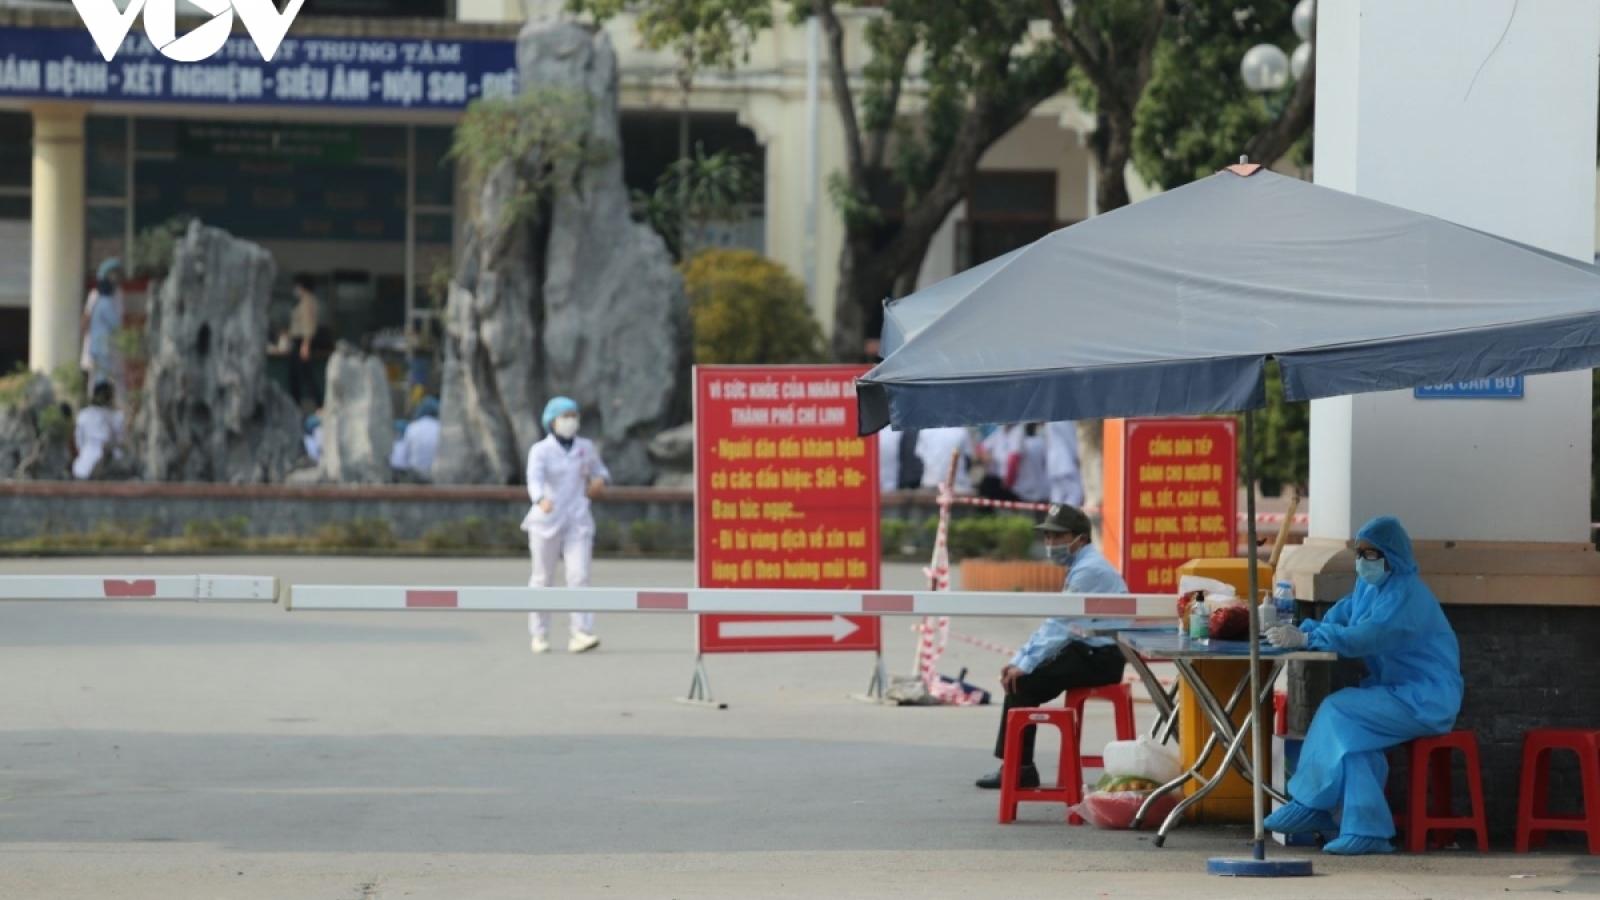 Hà Nội thông báo khẩn: Tìm lái xe chở ca mắc COVID-19 đi Thái Bình